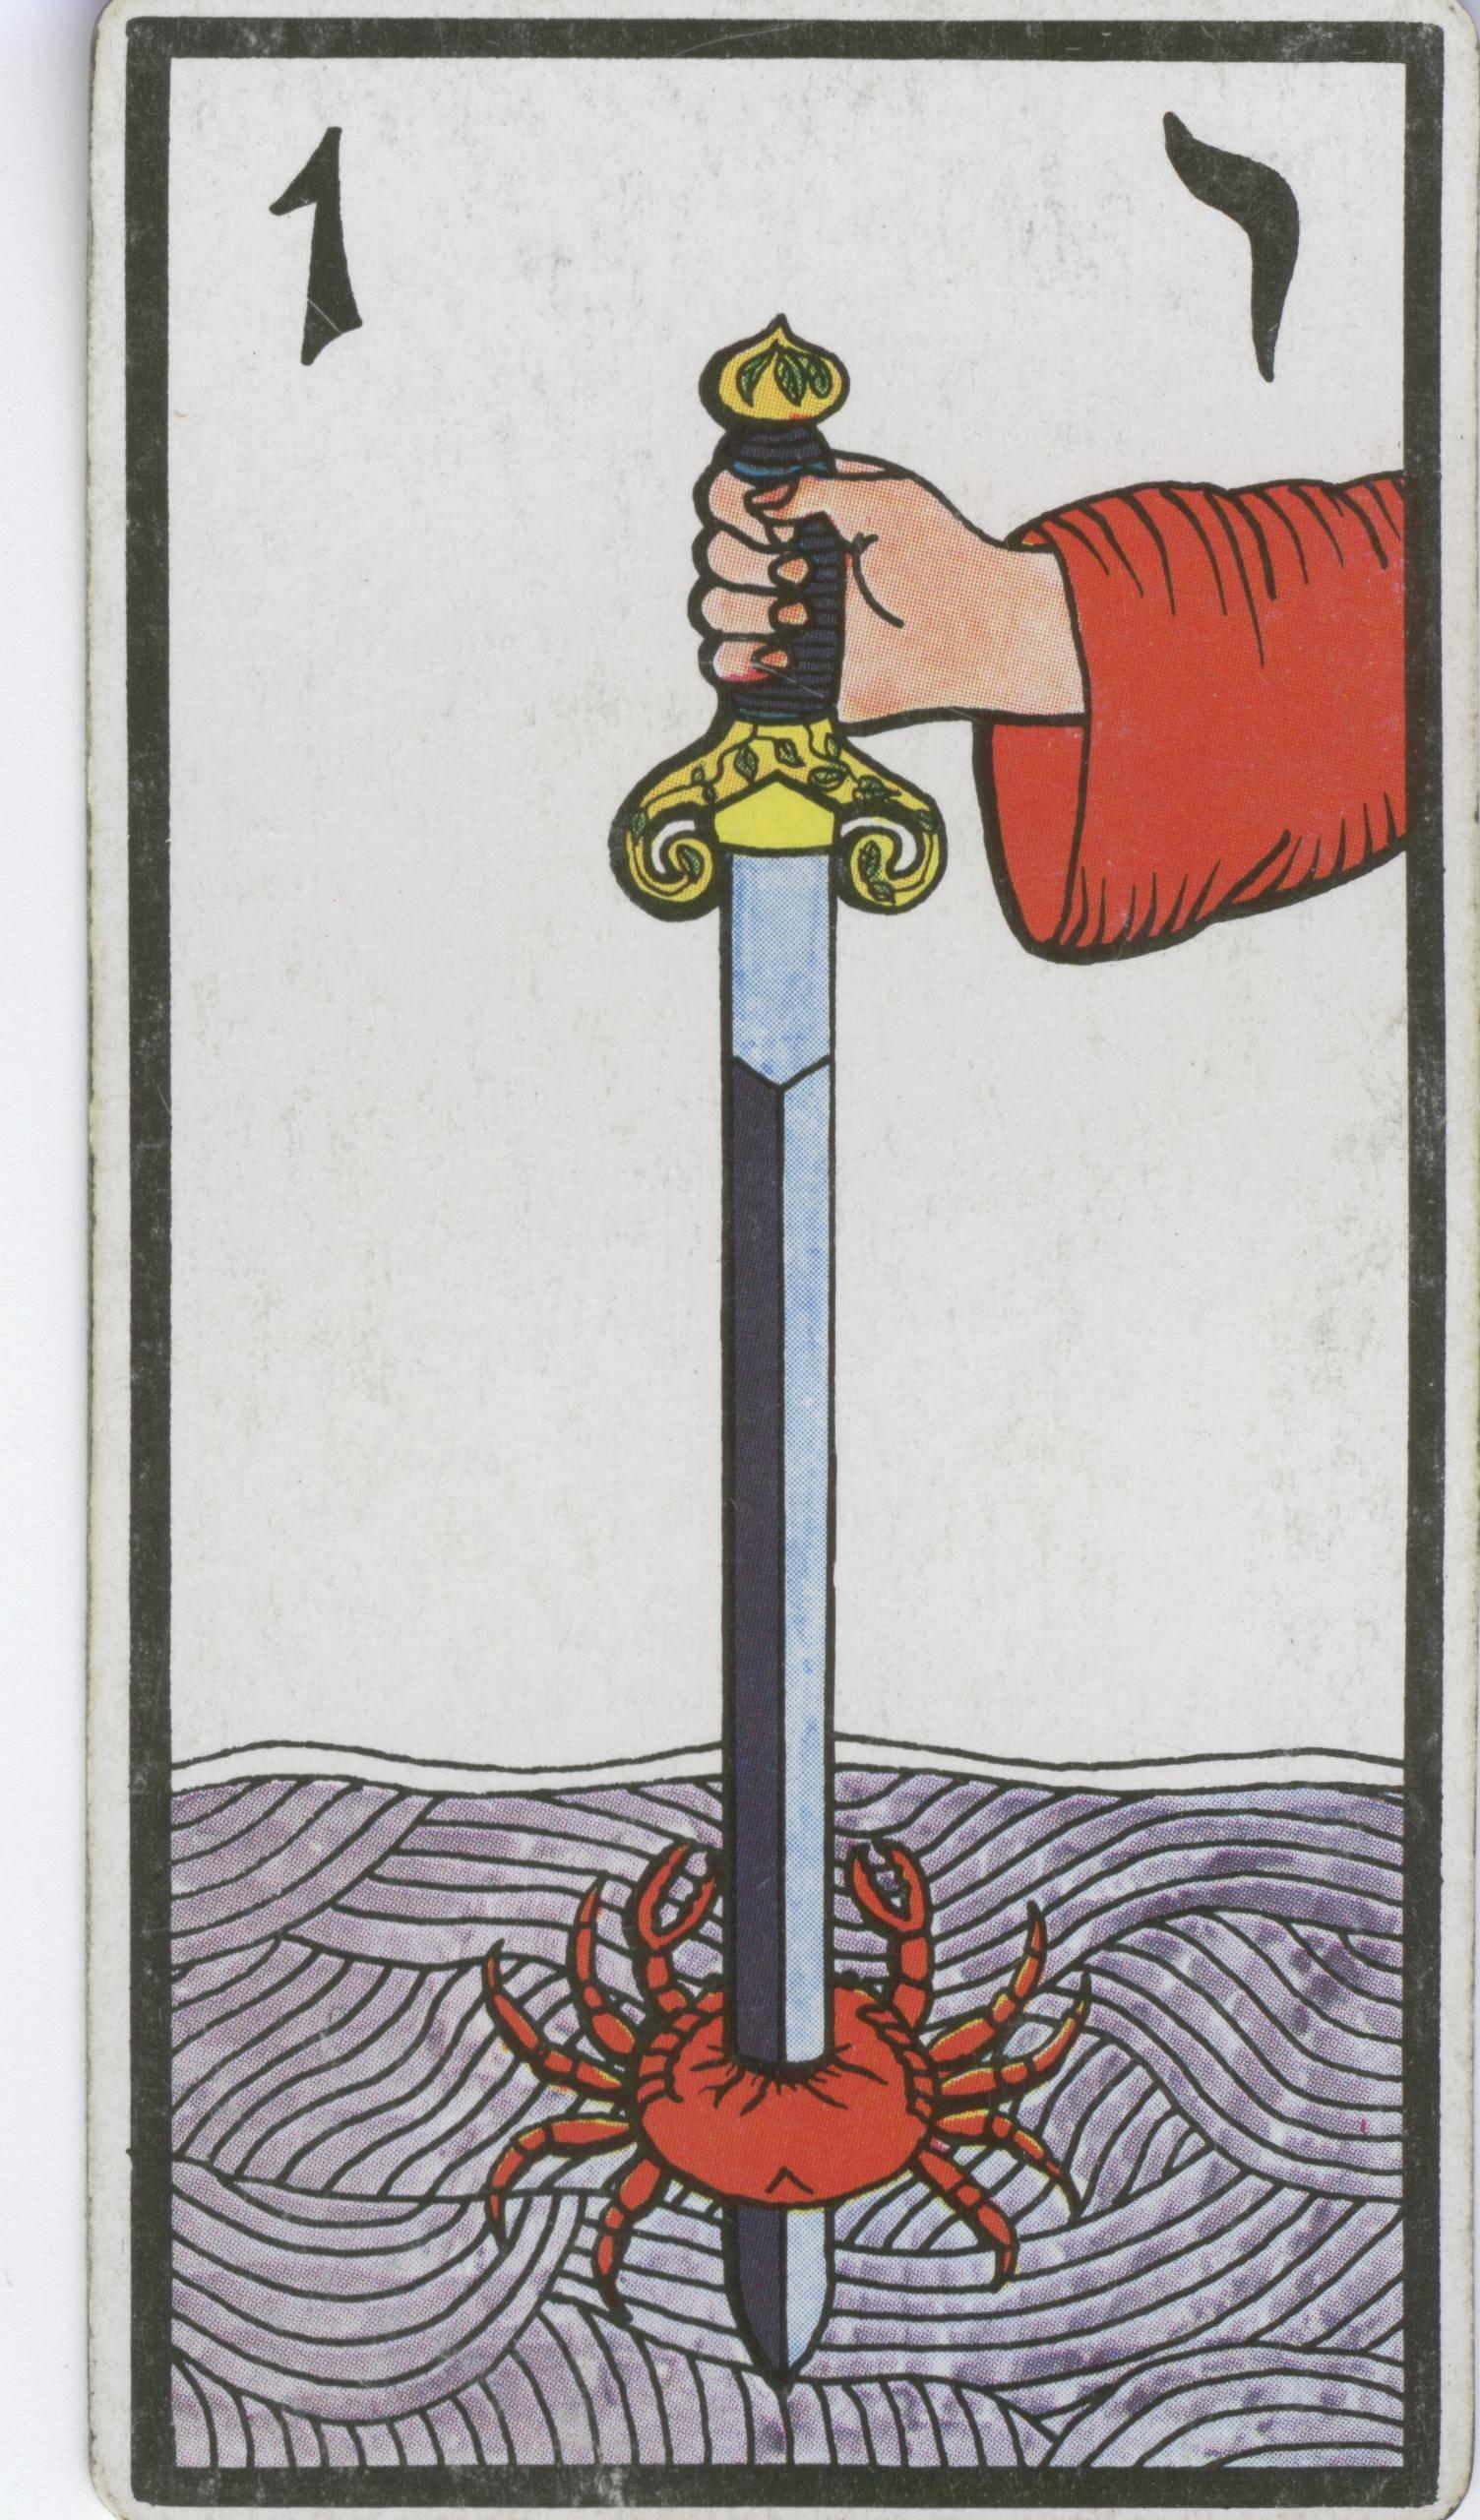 Значение карты таро — 10 мечей